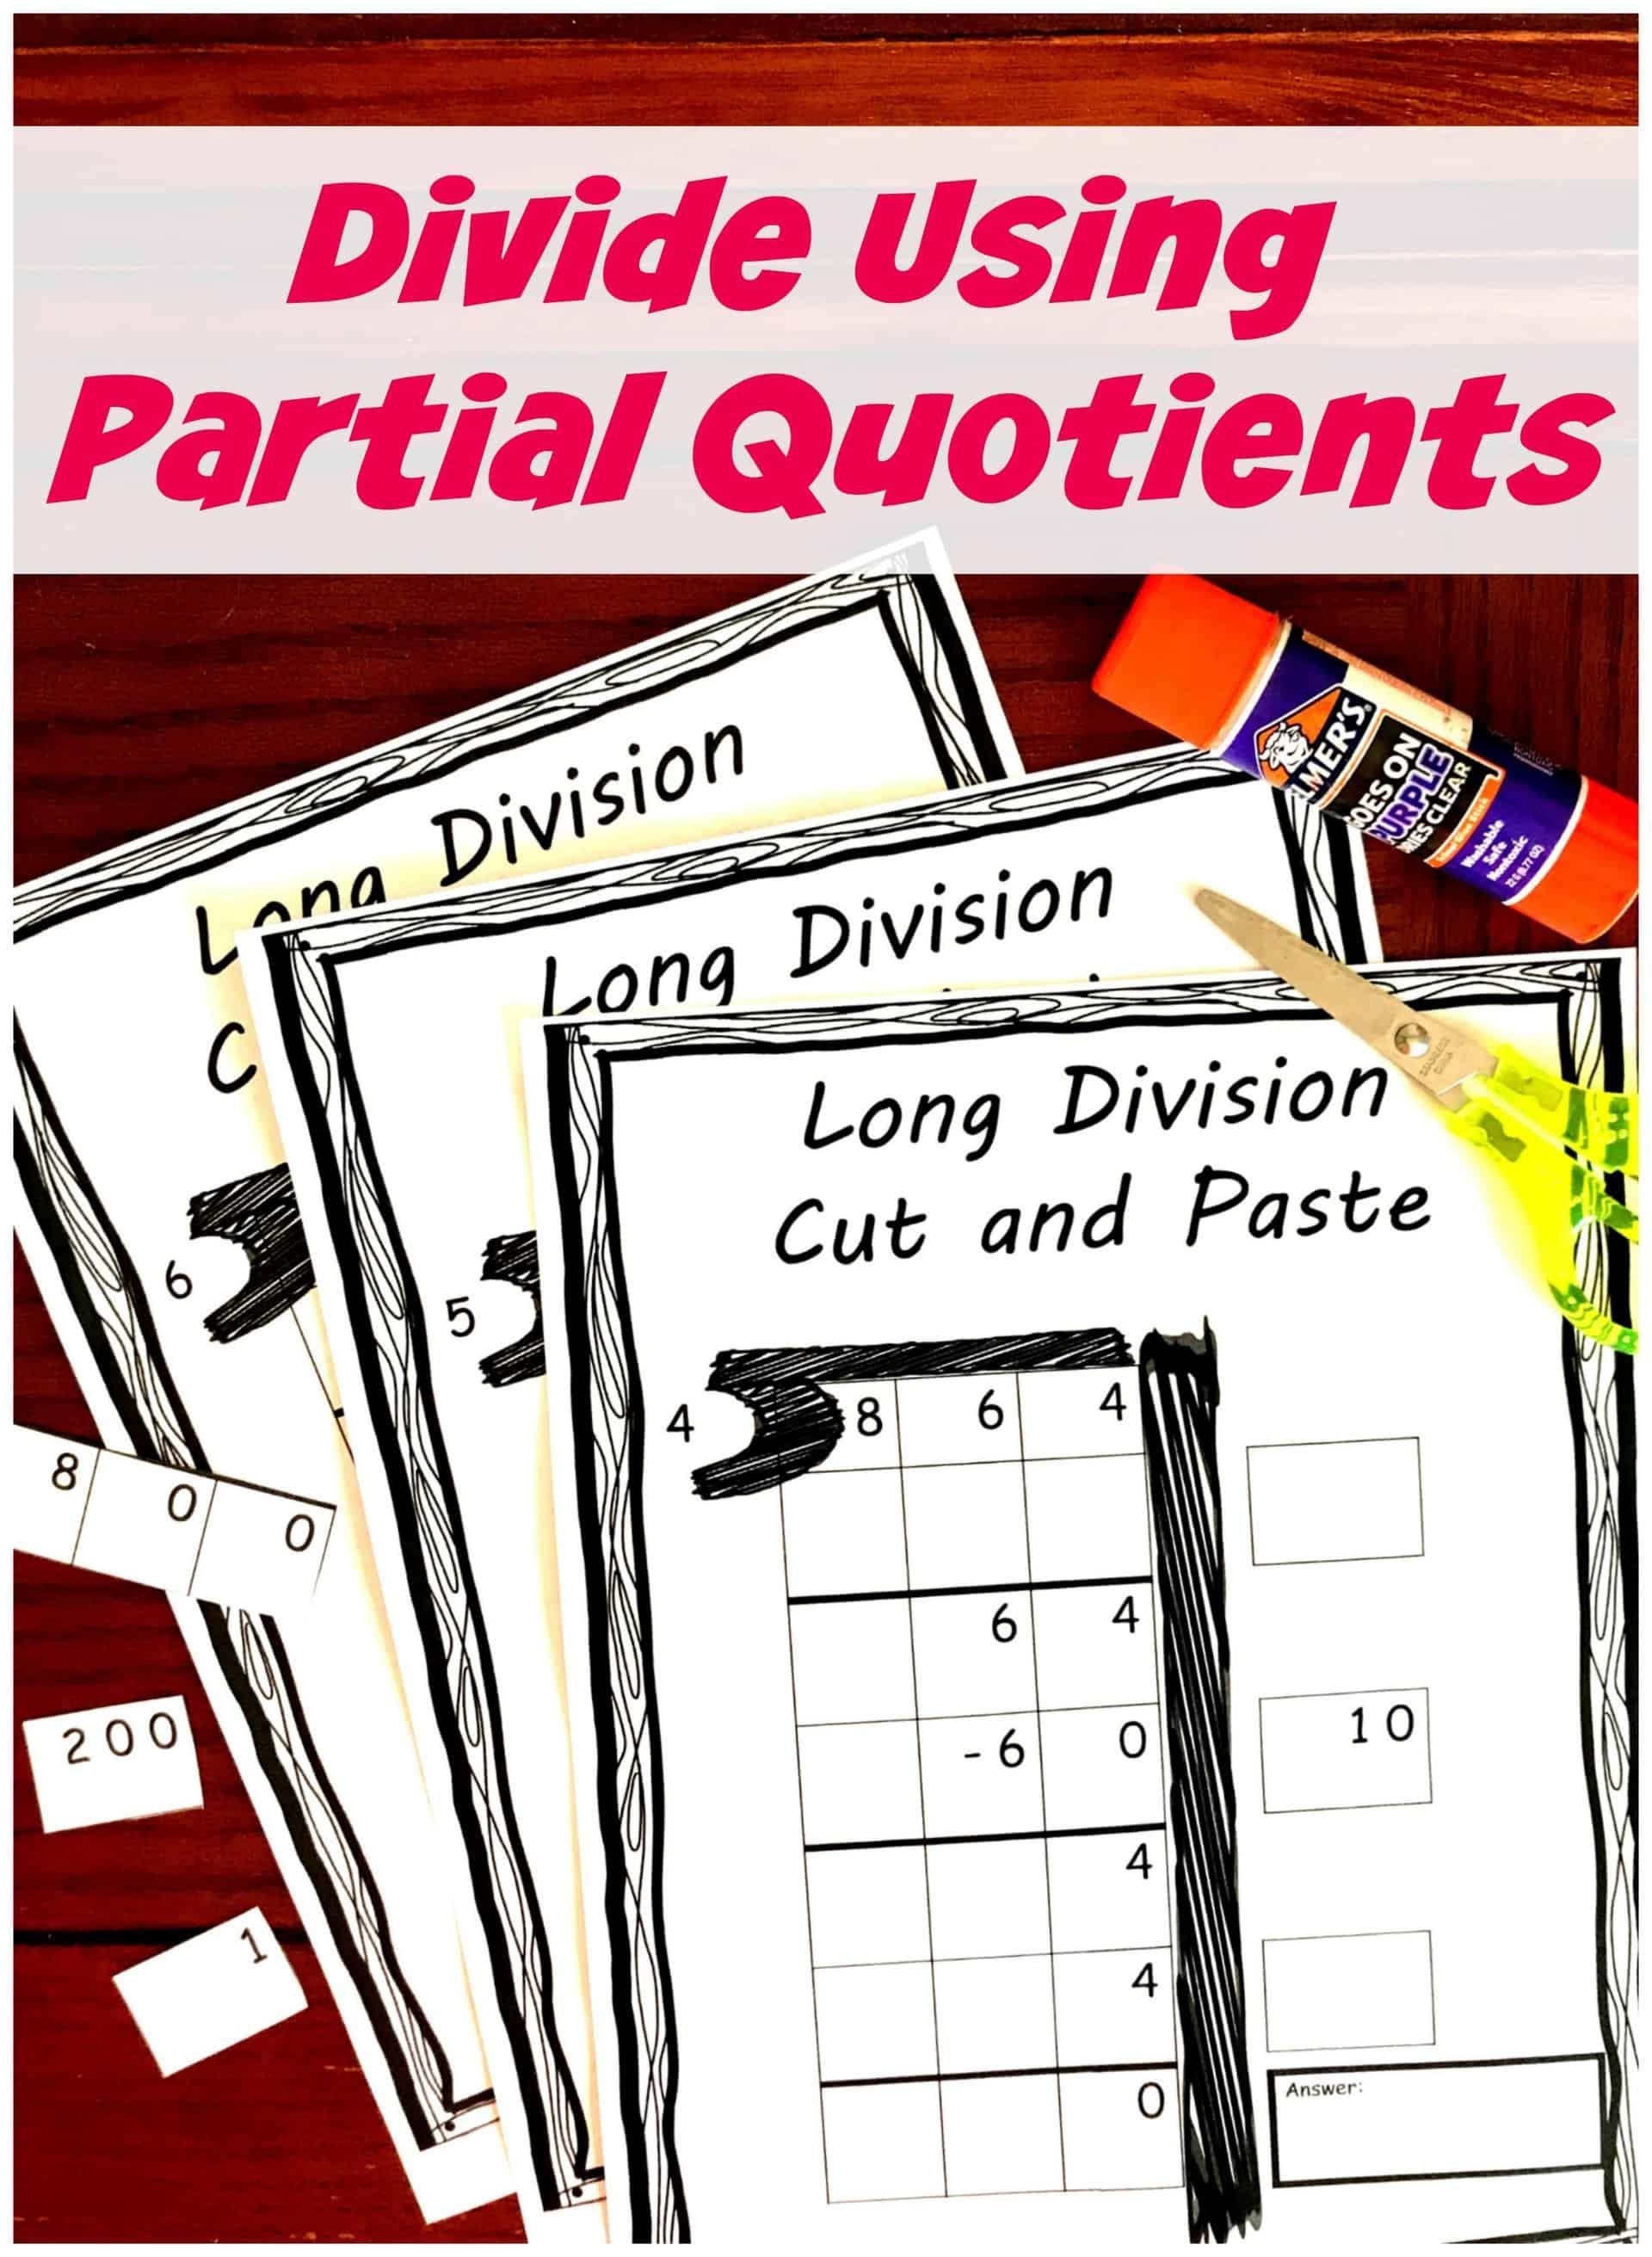 FREE Divide using Partial Quotients Cut and Paste Activity [ 3167 x 2318 Pixel ]